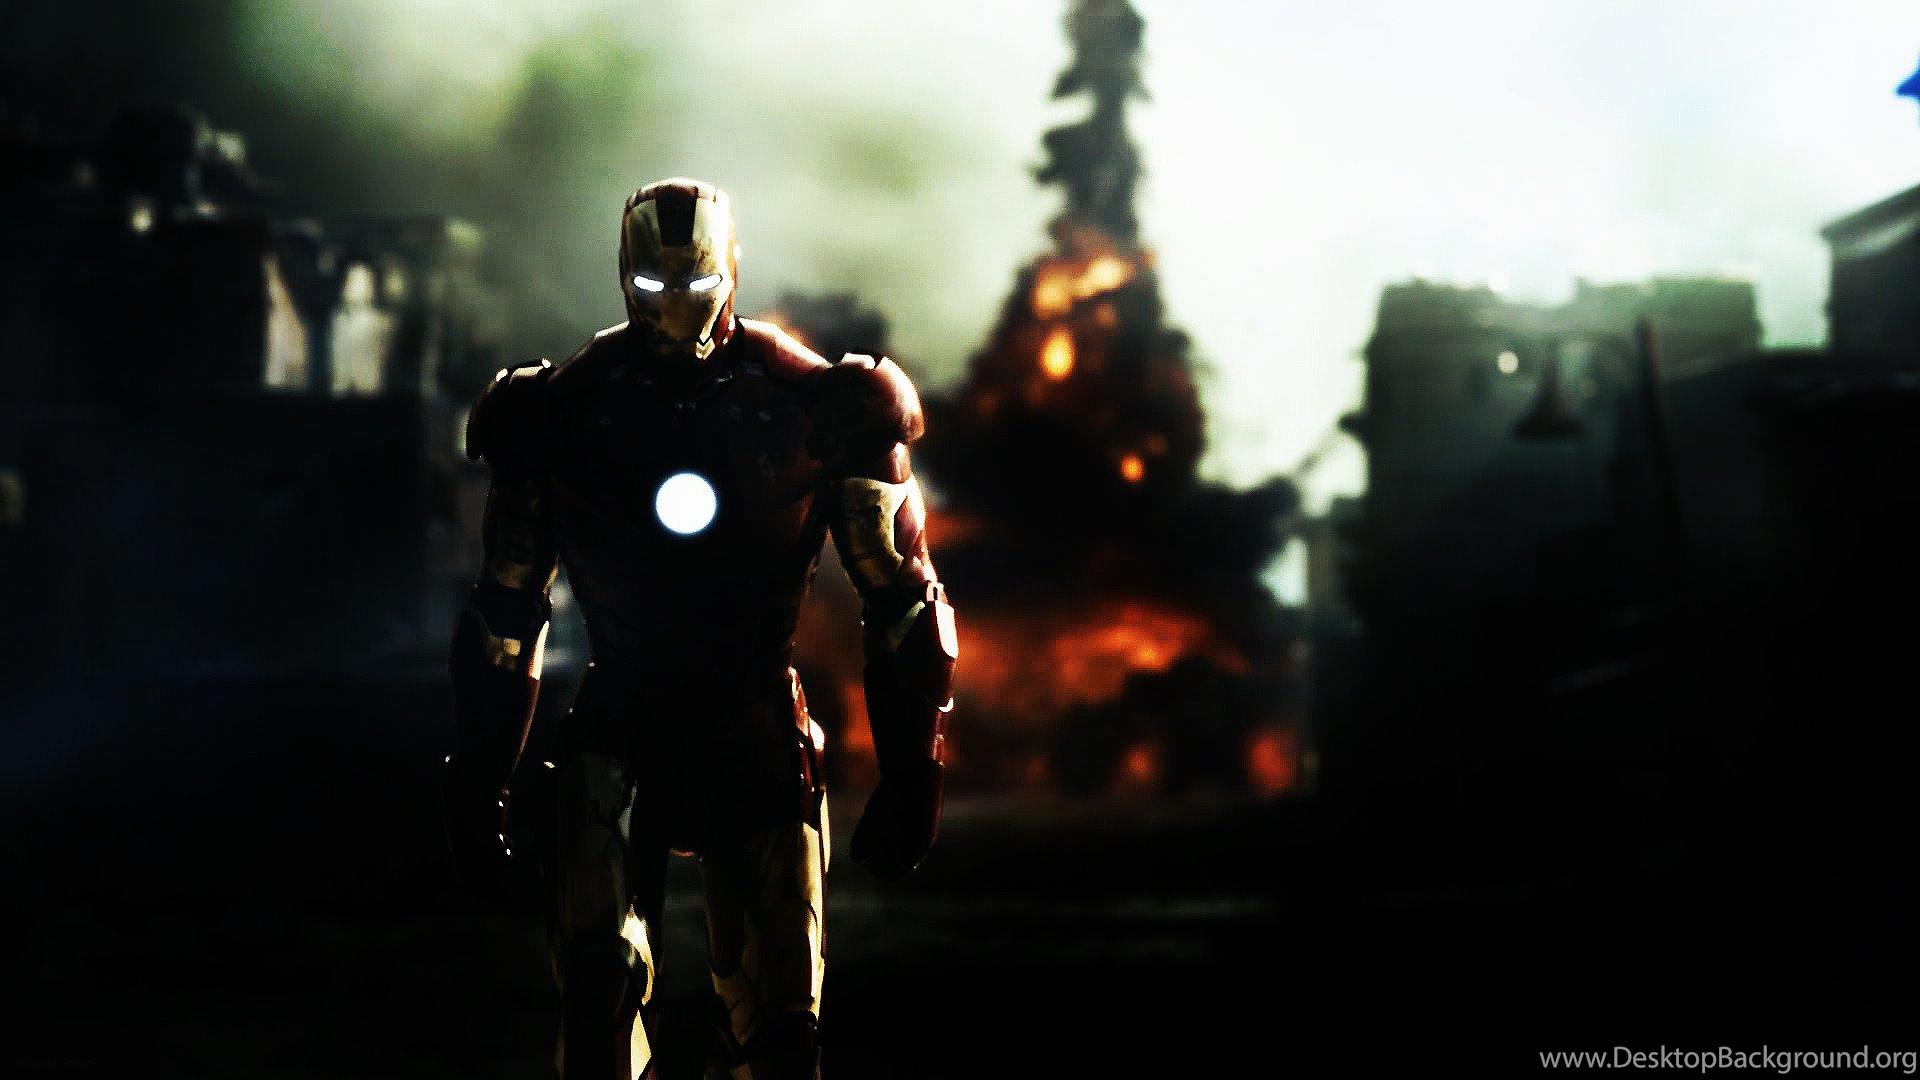 Iron Man Avengers Full Hd Wallpapers Nekeran Com Desktop Background